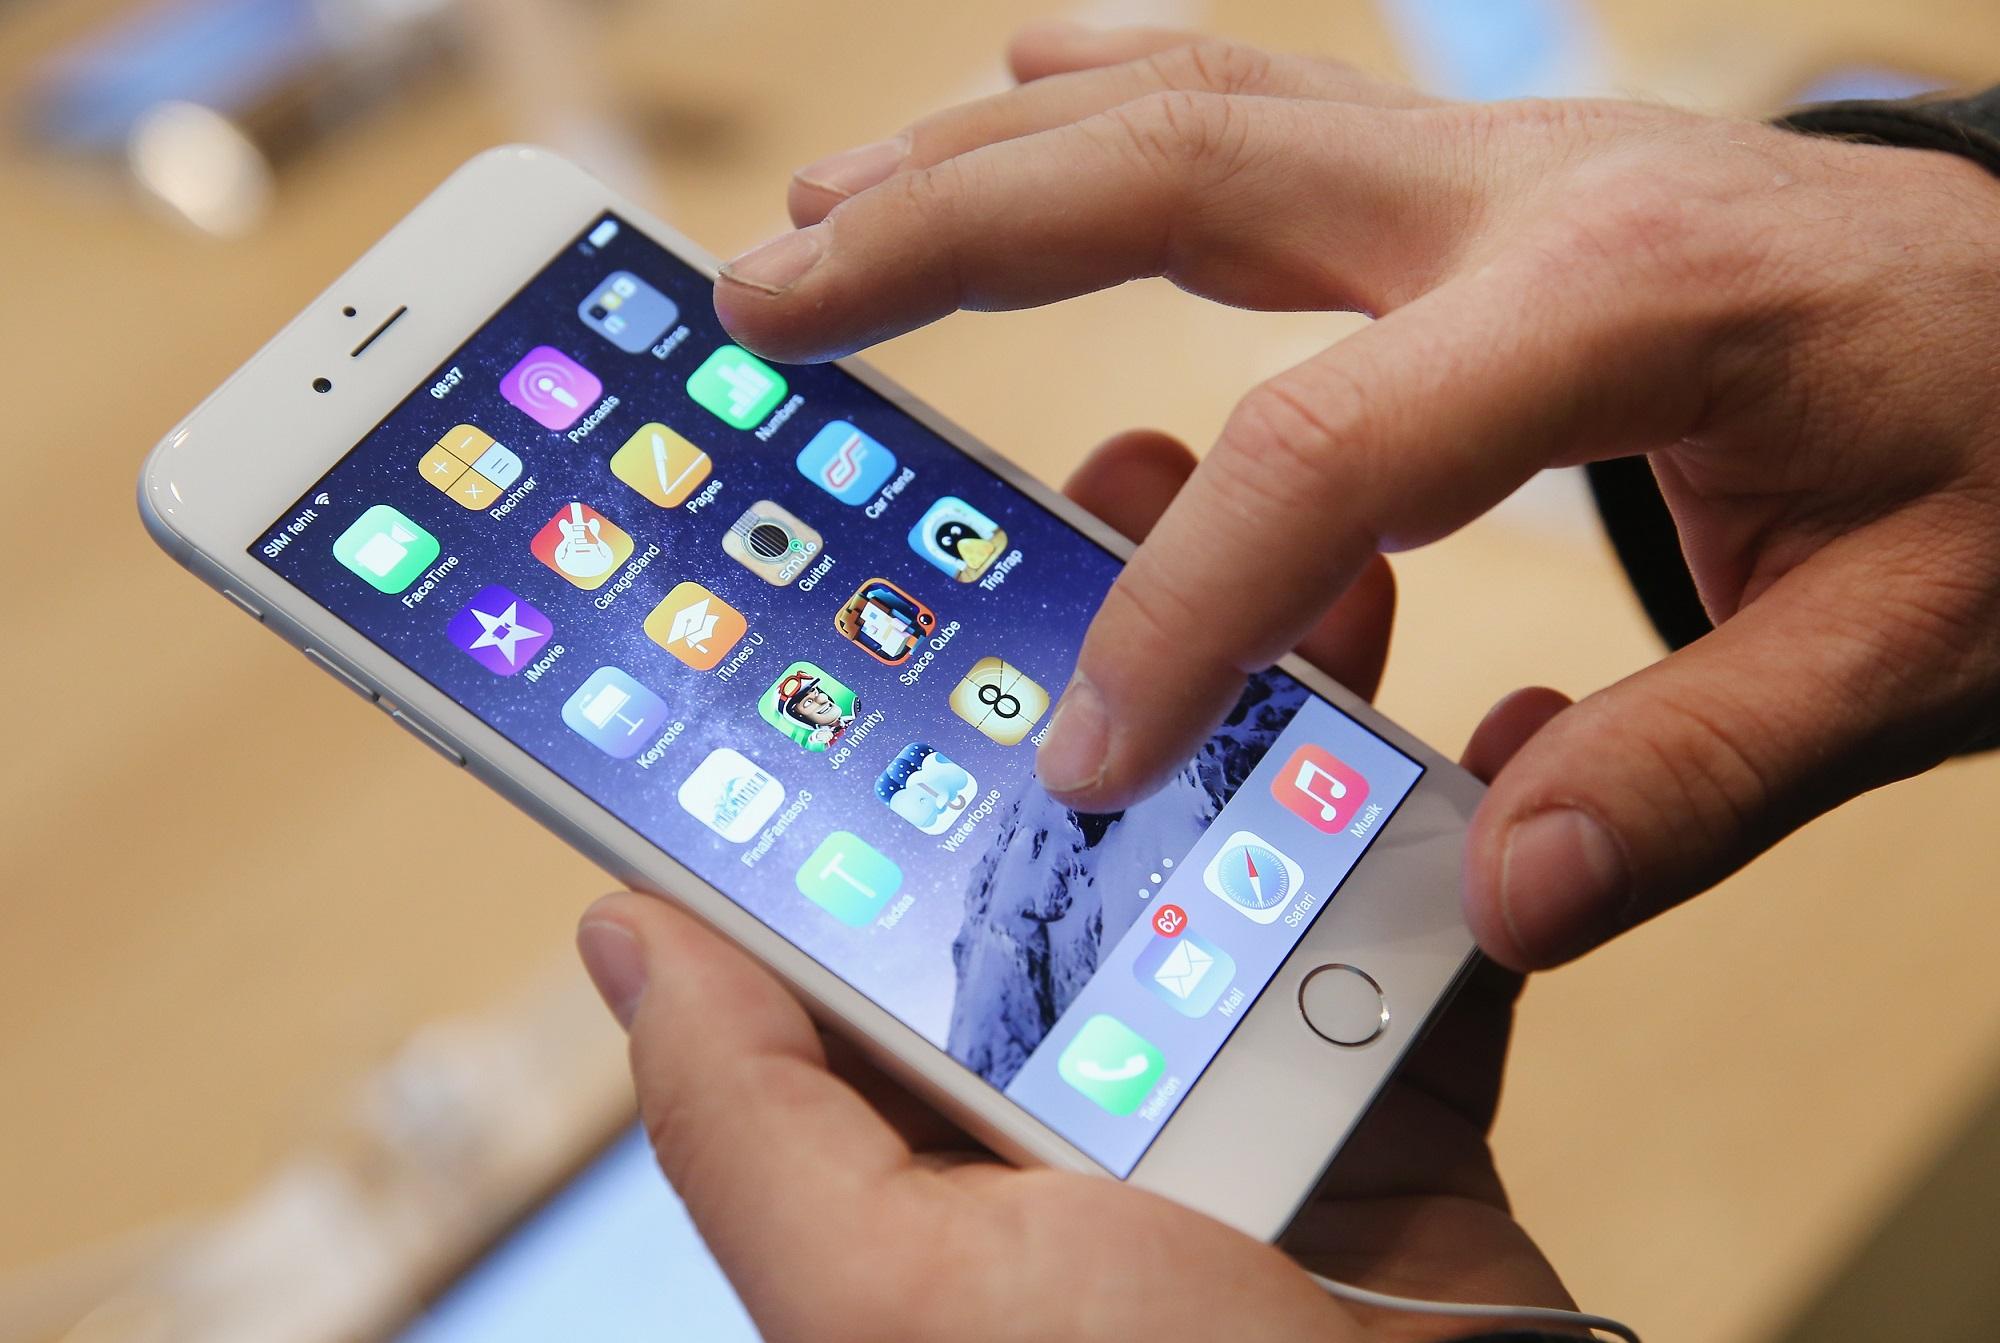 تقارير : آبل ستطلق iPhone SE 2 في 2020 مع تصميم مشابه لآيفون 8